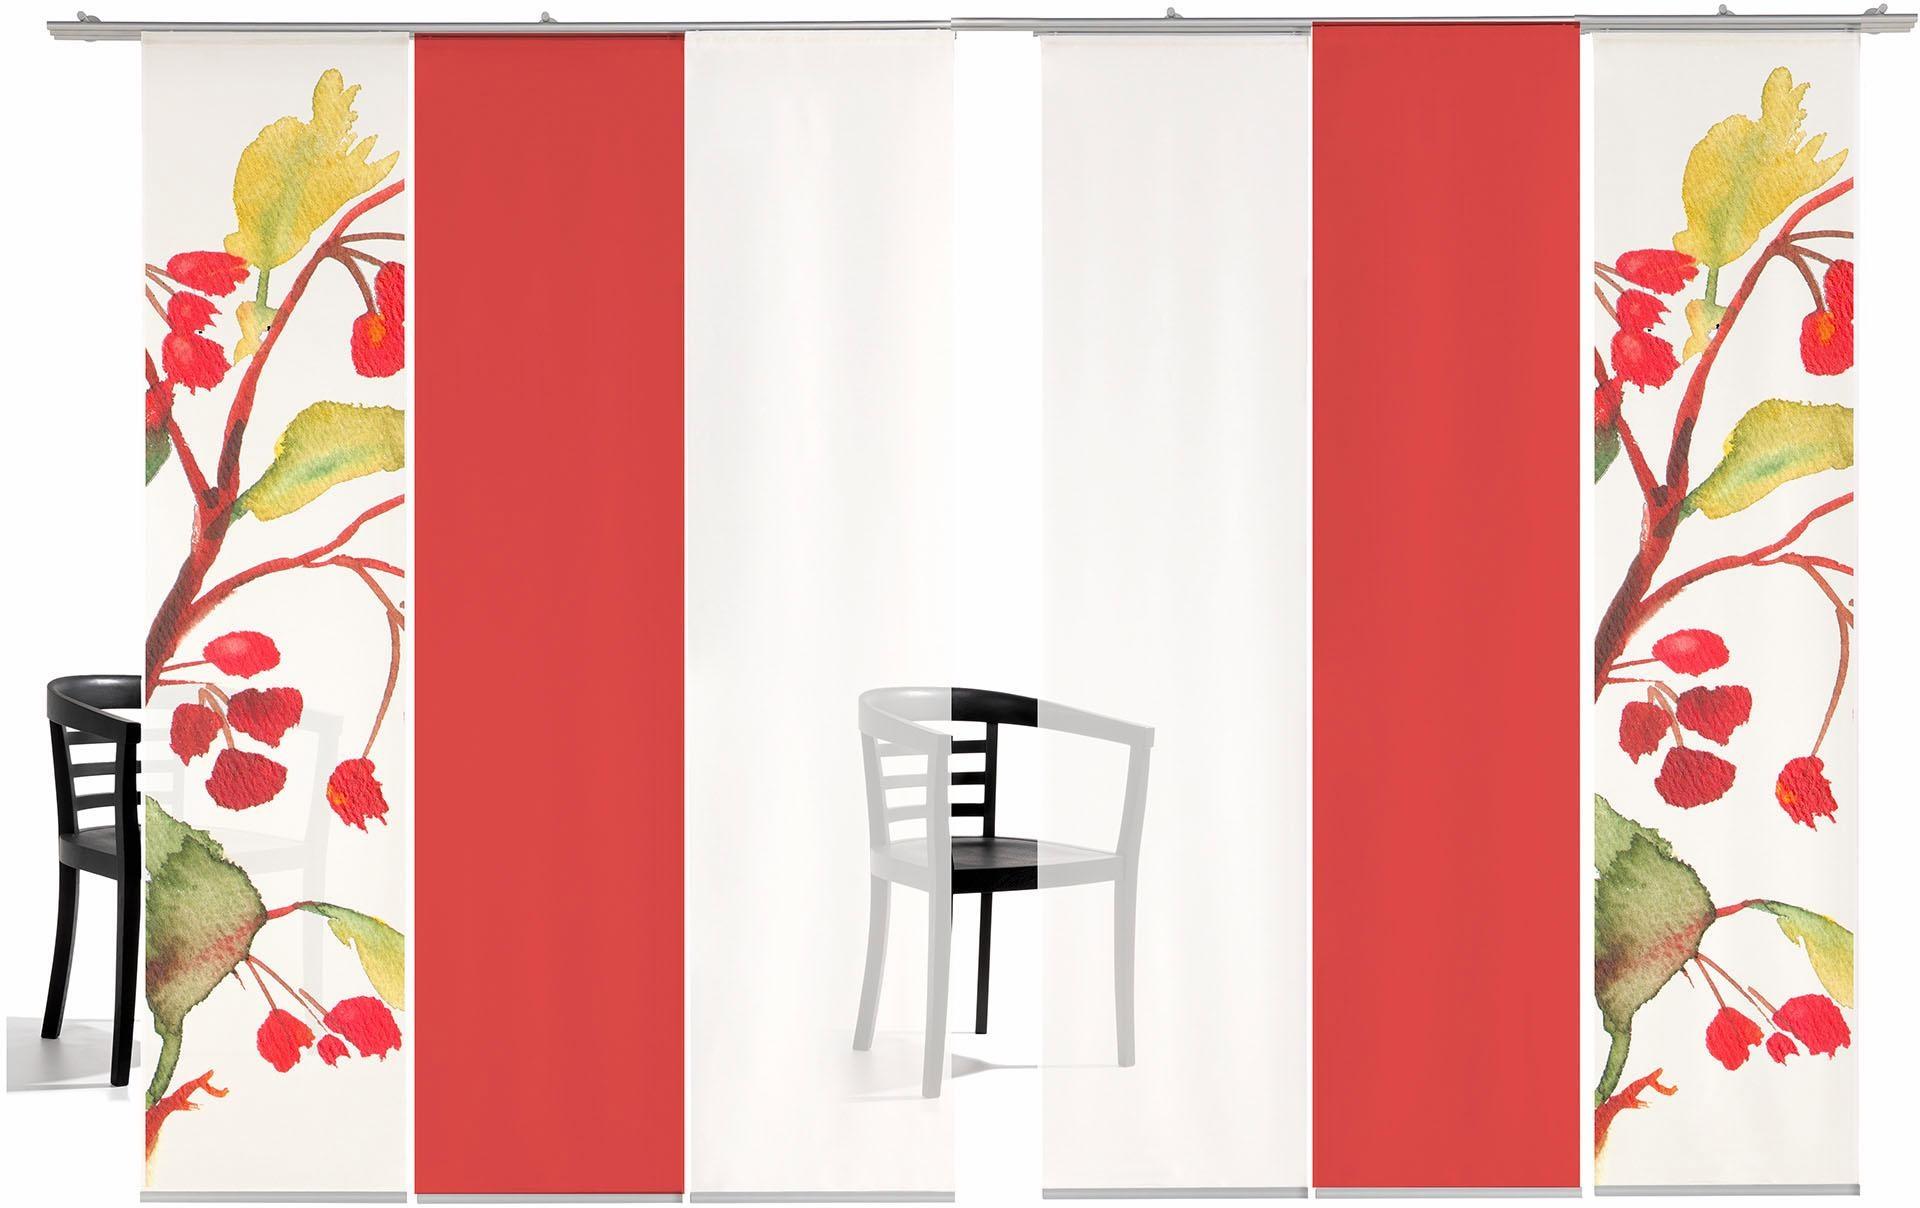 Schiebegardine emotion textiles Kirschblüten Farbig mit Klettband (6 Stück mit Zubehör)